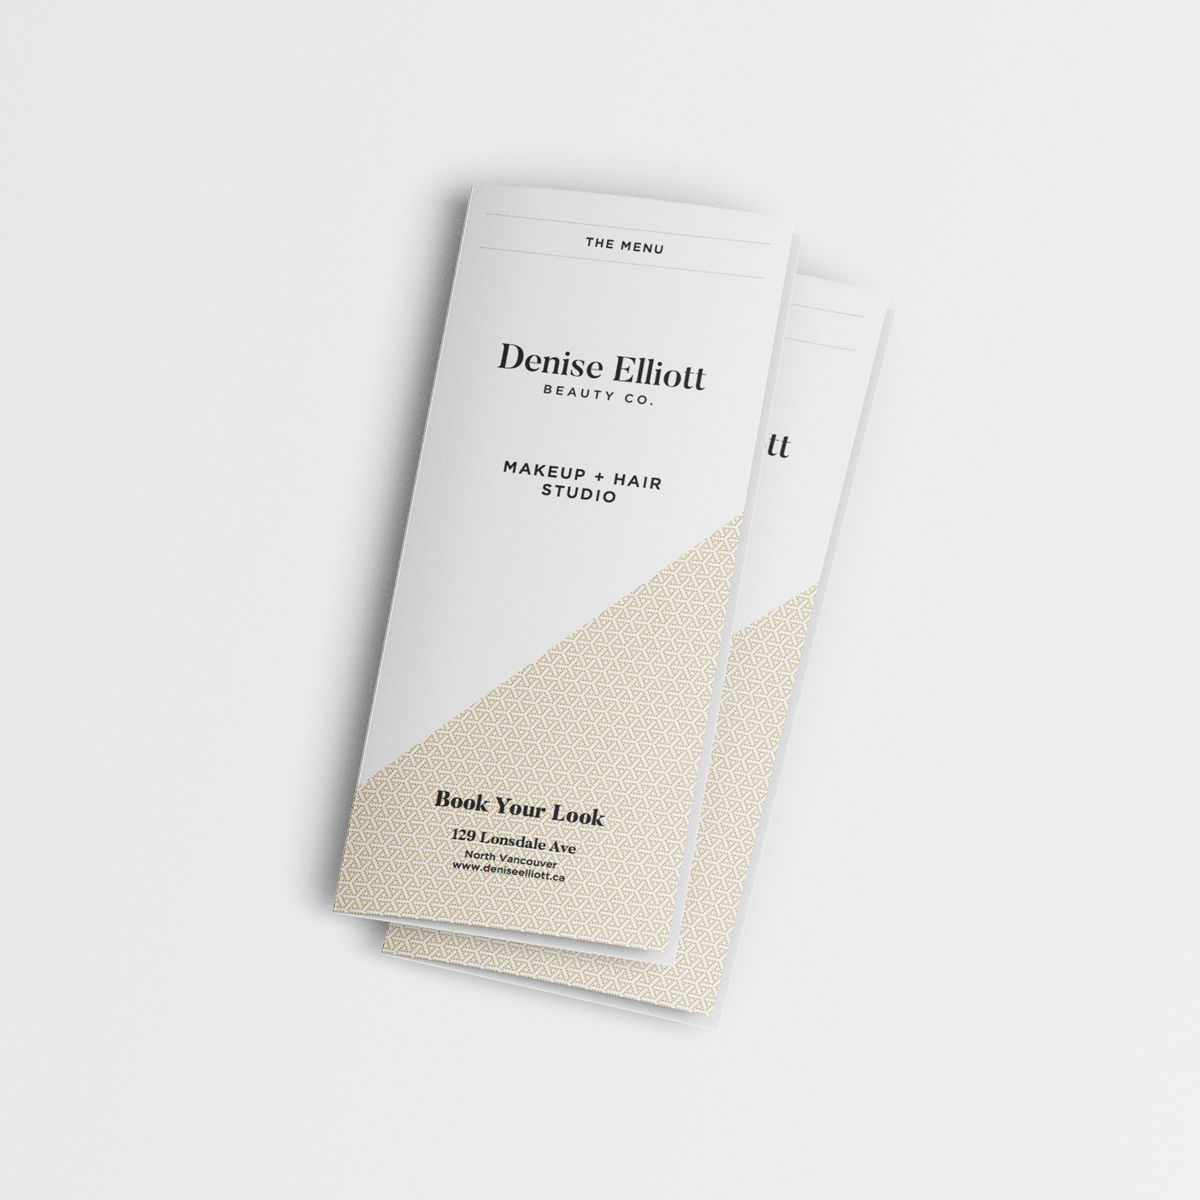 Denise Elliott Beauty Co. - In Store Brochure - Print Material